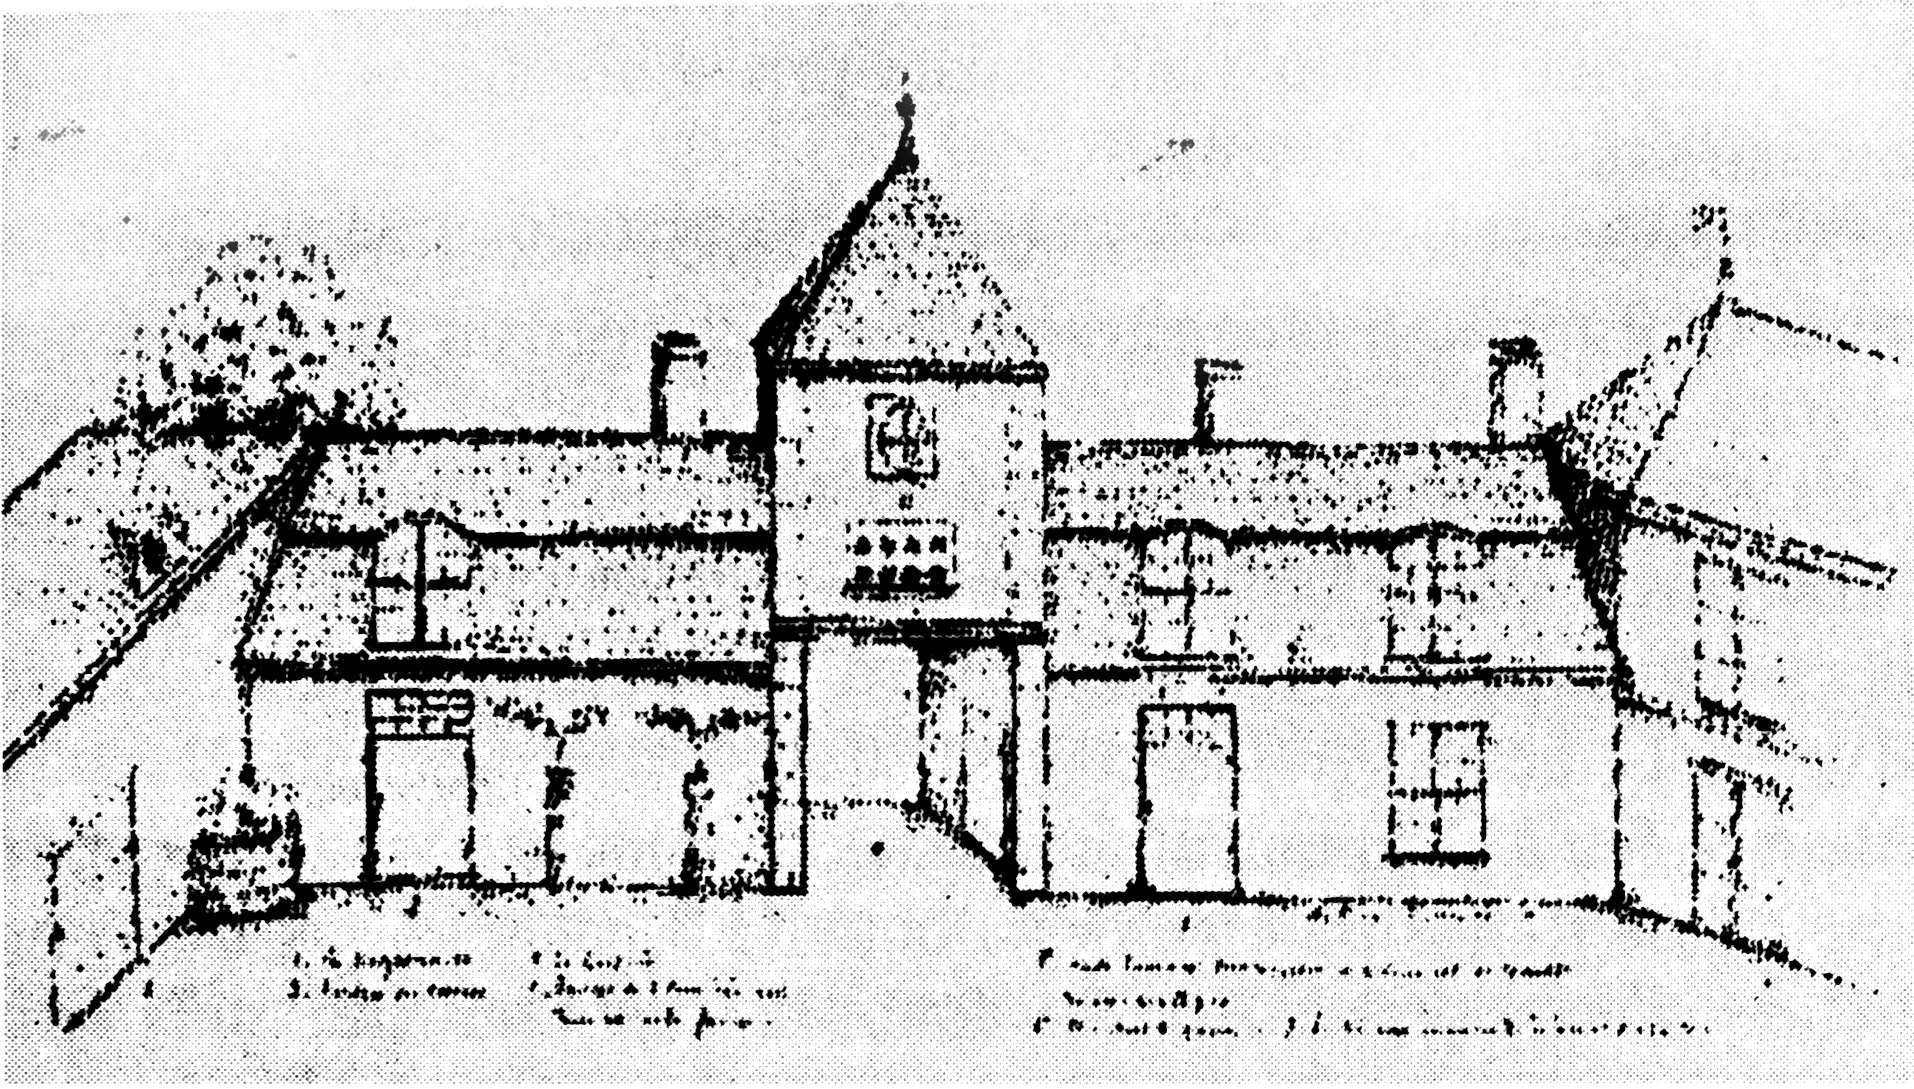 1914x1089 Ruinart Desinne De Chateau D Ebrimont.jpg